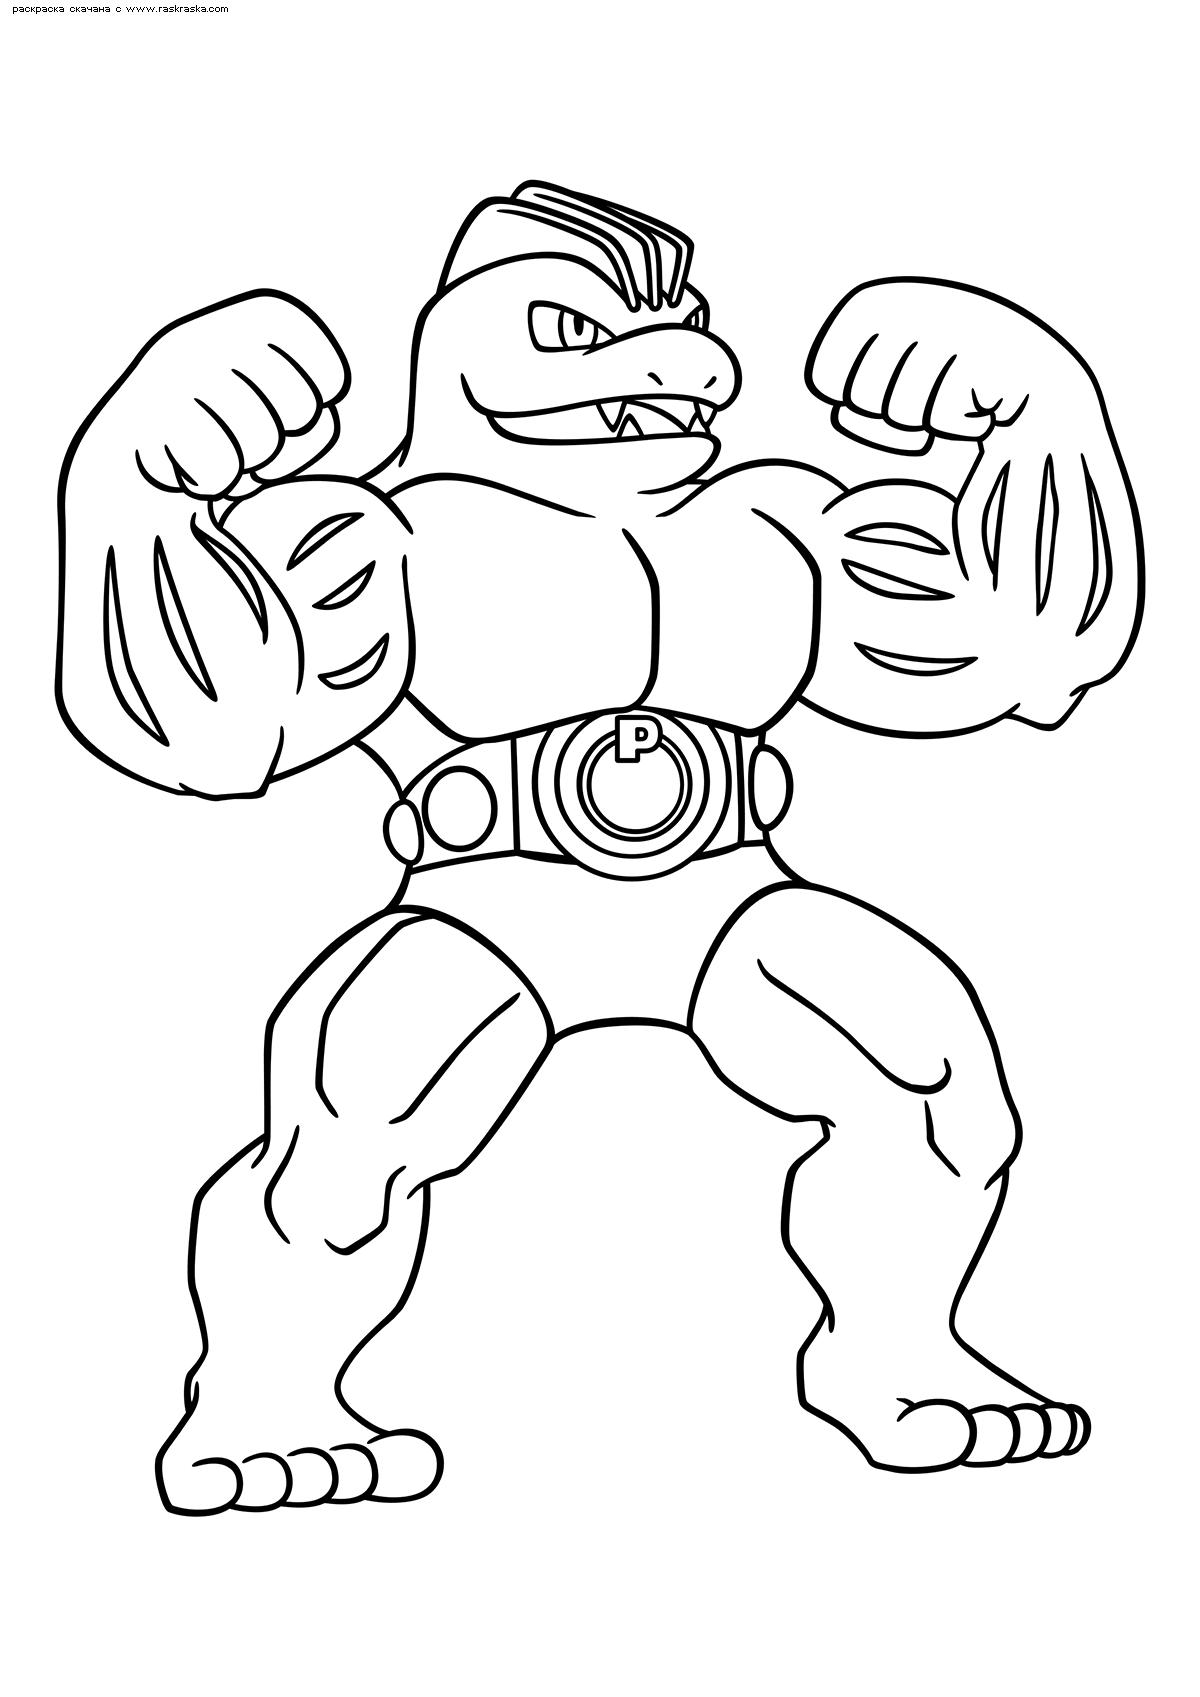 Раскраска Покемон Мачок (Machoke) | Раскраски эволюция ...